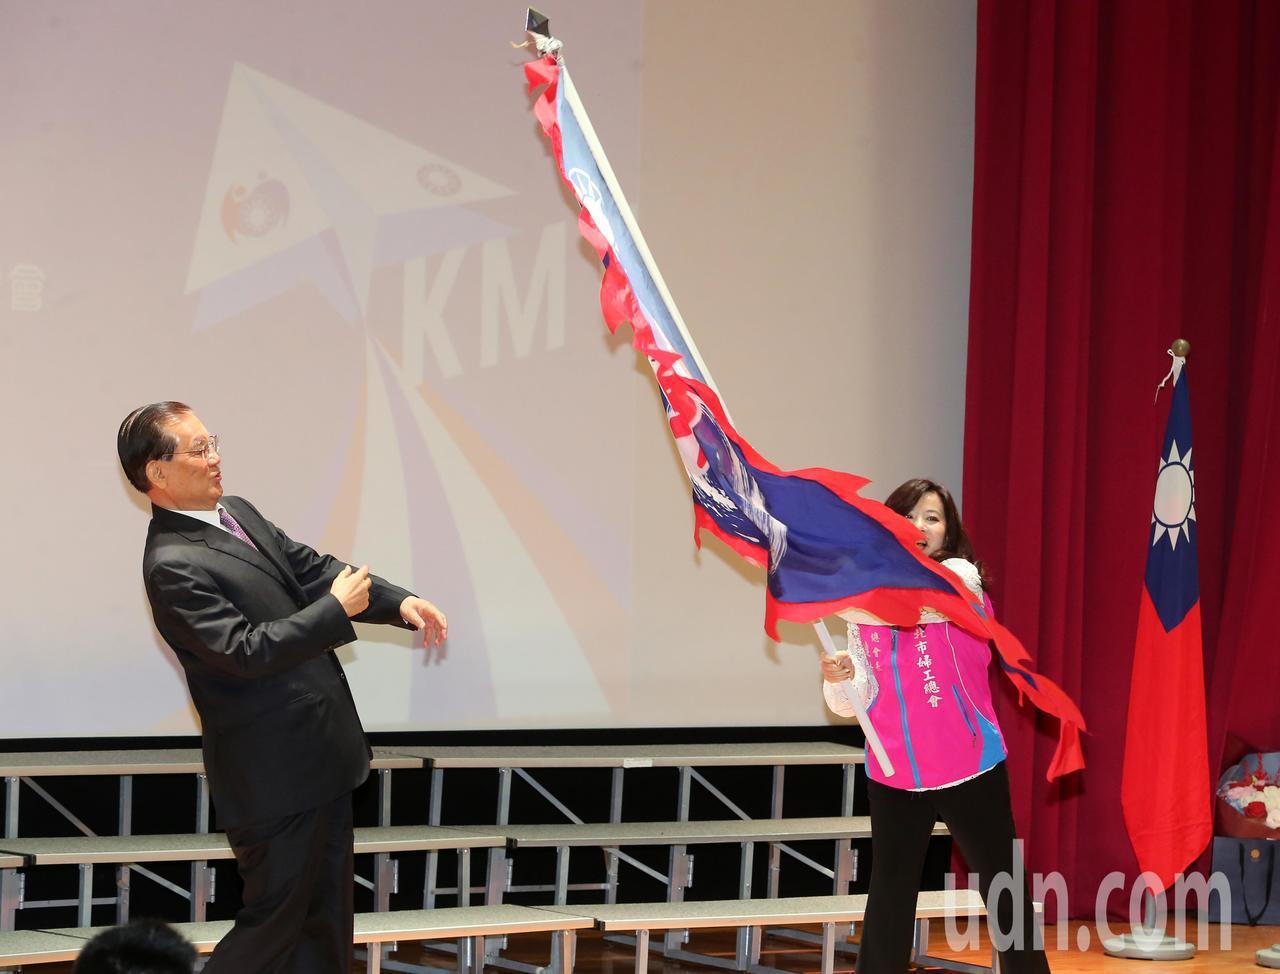 國民黨榮譽主席連戰(左)授戰旗給台北市婦工總會總會長連秀美(右),連秀美揮舞戰旗...